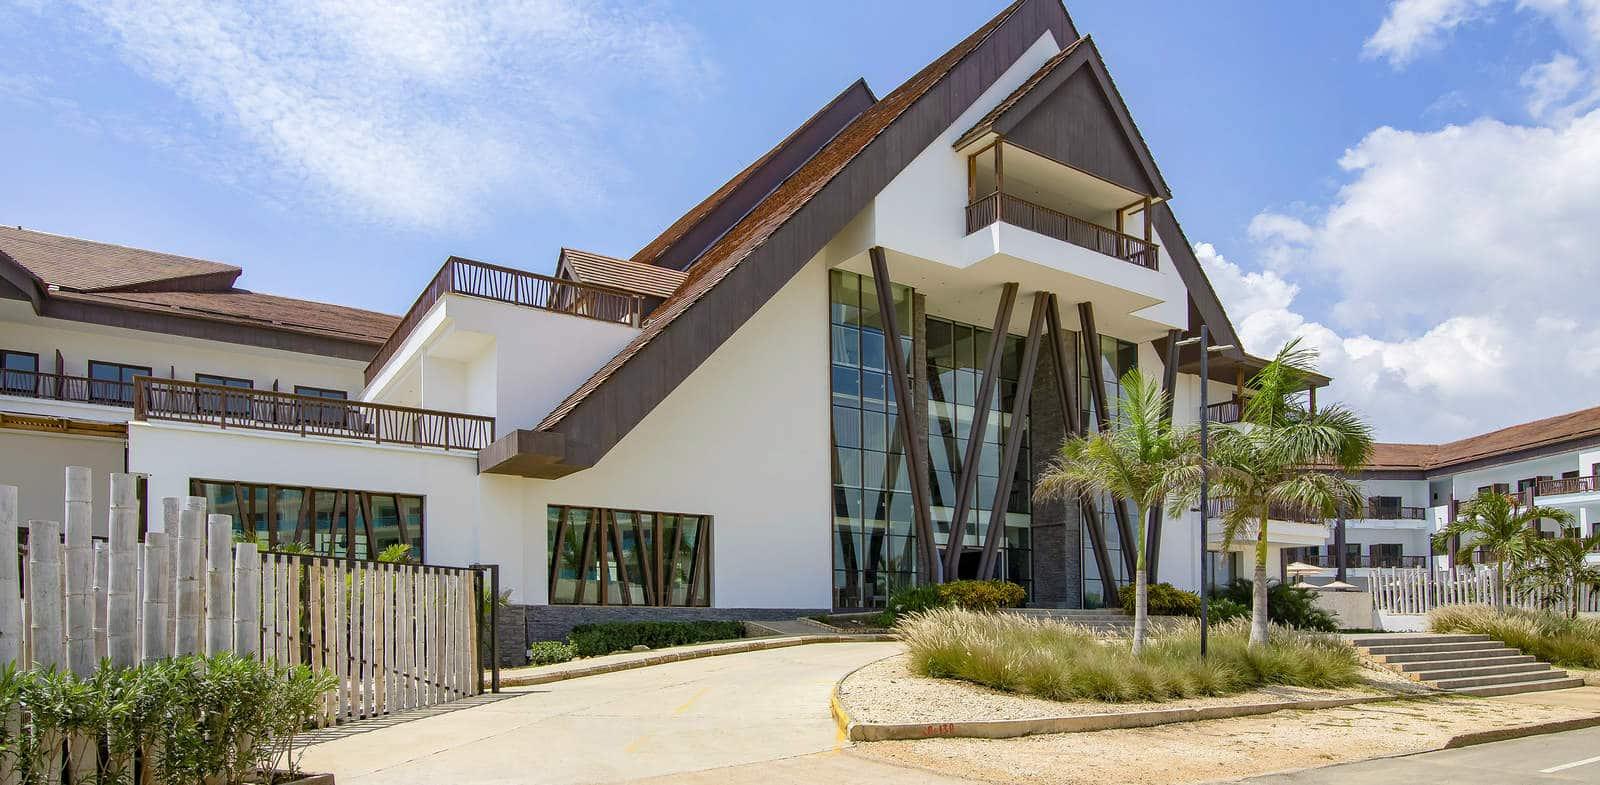 Meliá inaugura el Cartagena Karmairi, su nuevo resort de lujo en Colombia